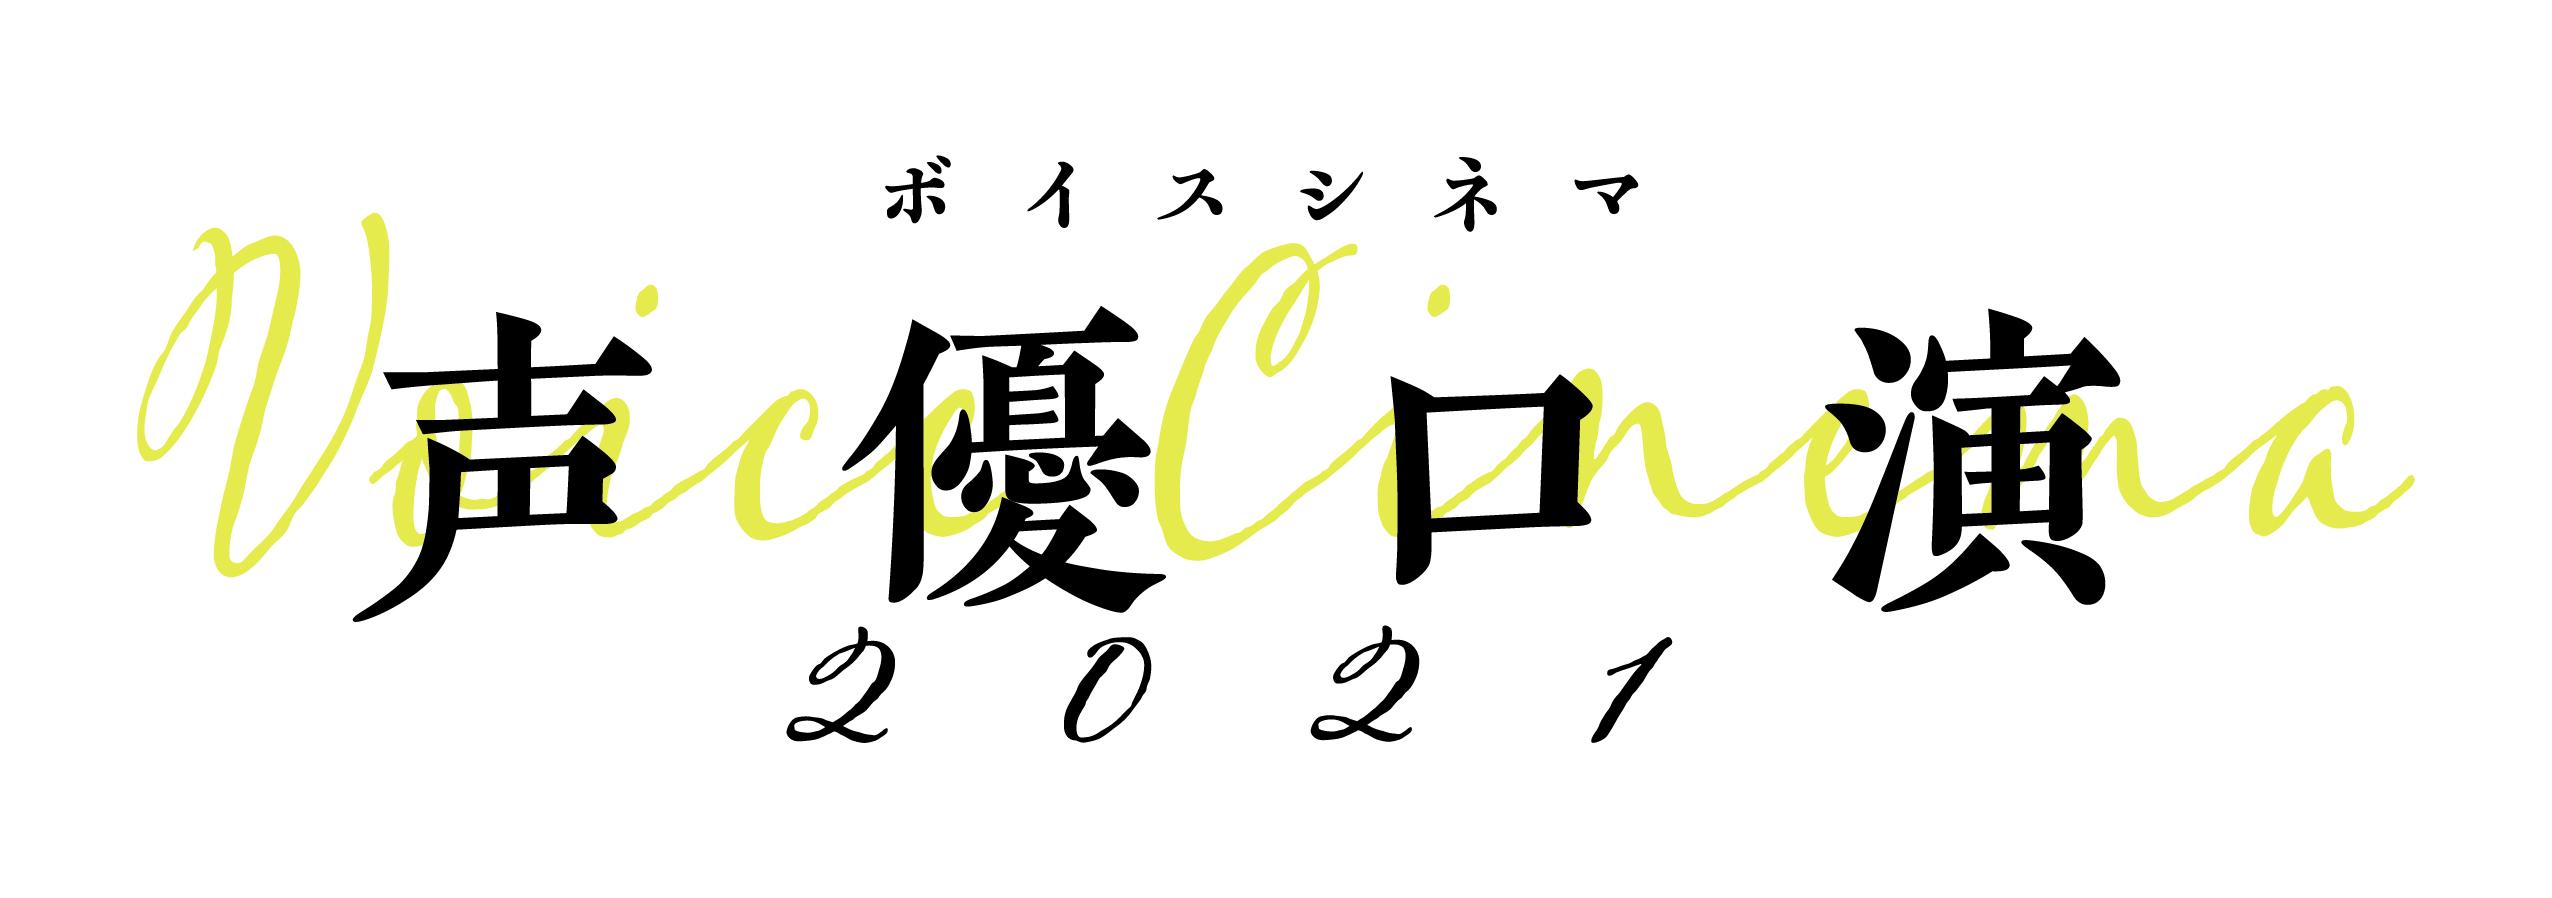 (C)「ボイスシネマ声優口演2021 in調布」実行委員会